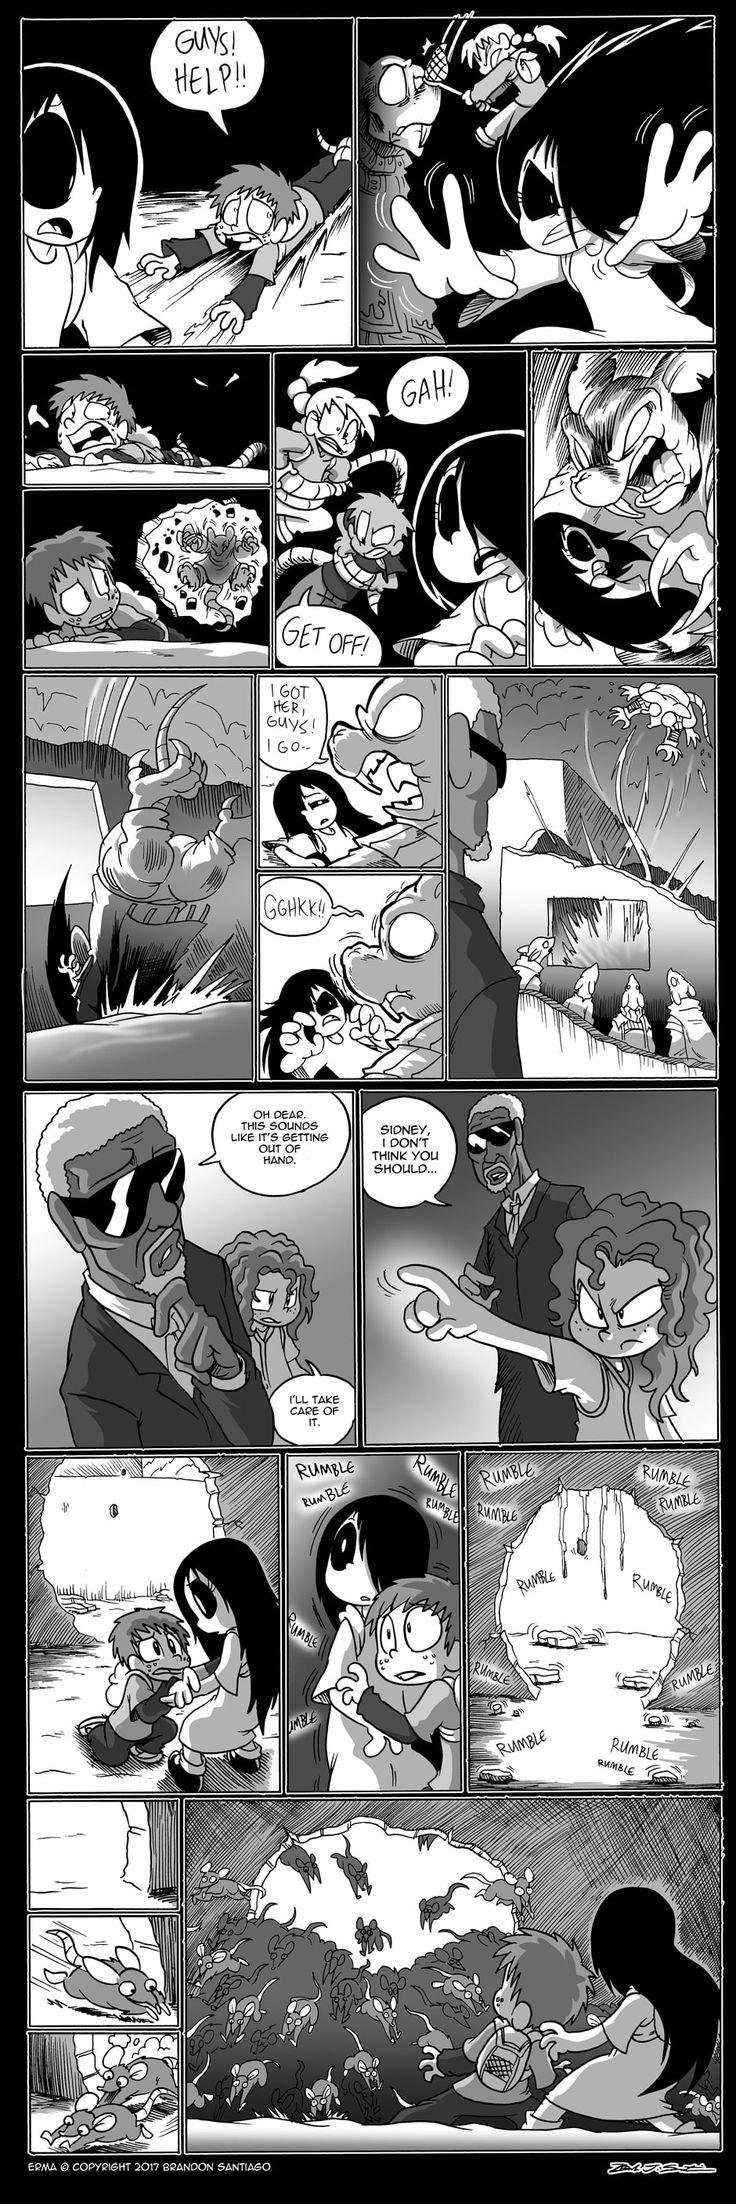 Erma :: Erma- The Rats in the School Walls Part 28   Tapastic Comics - image 1